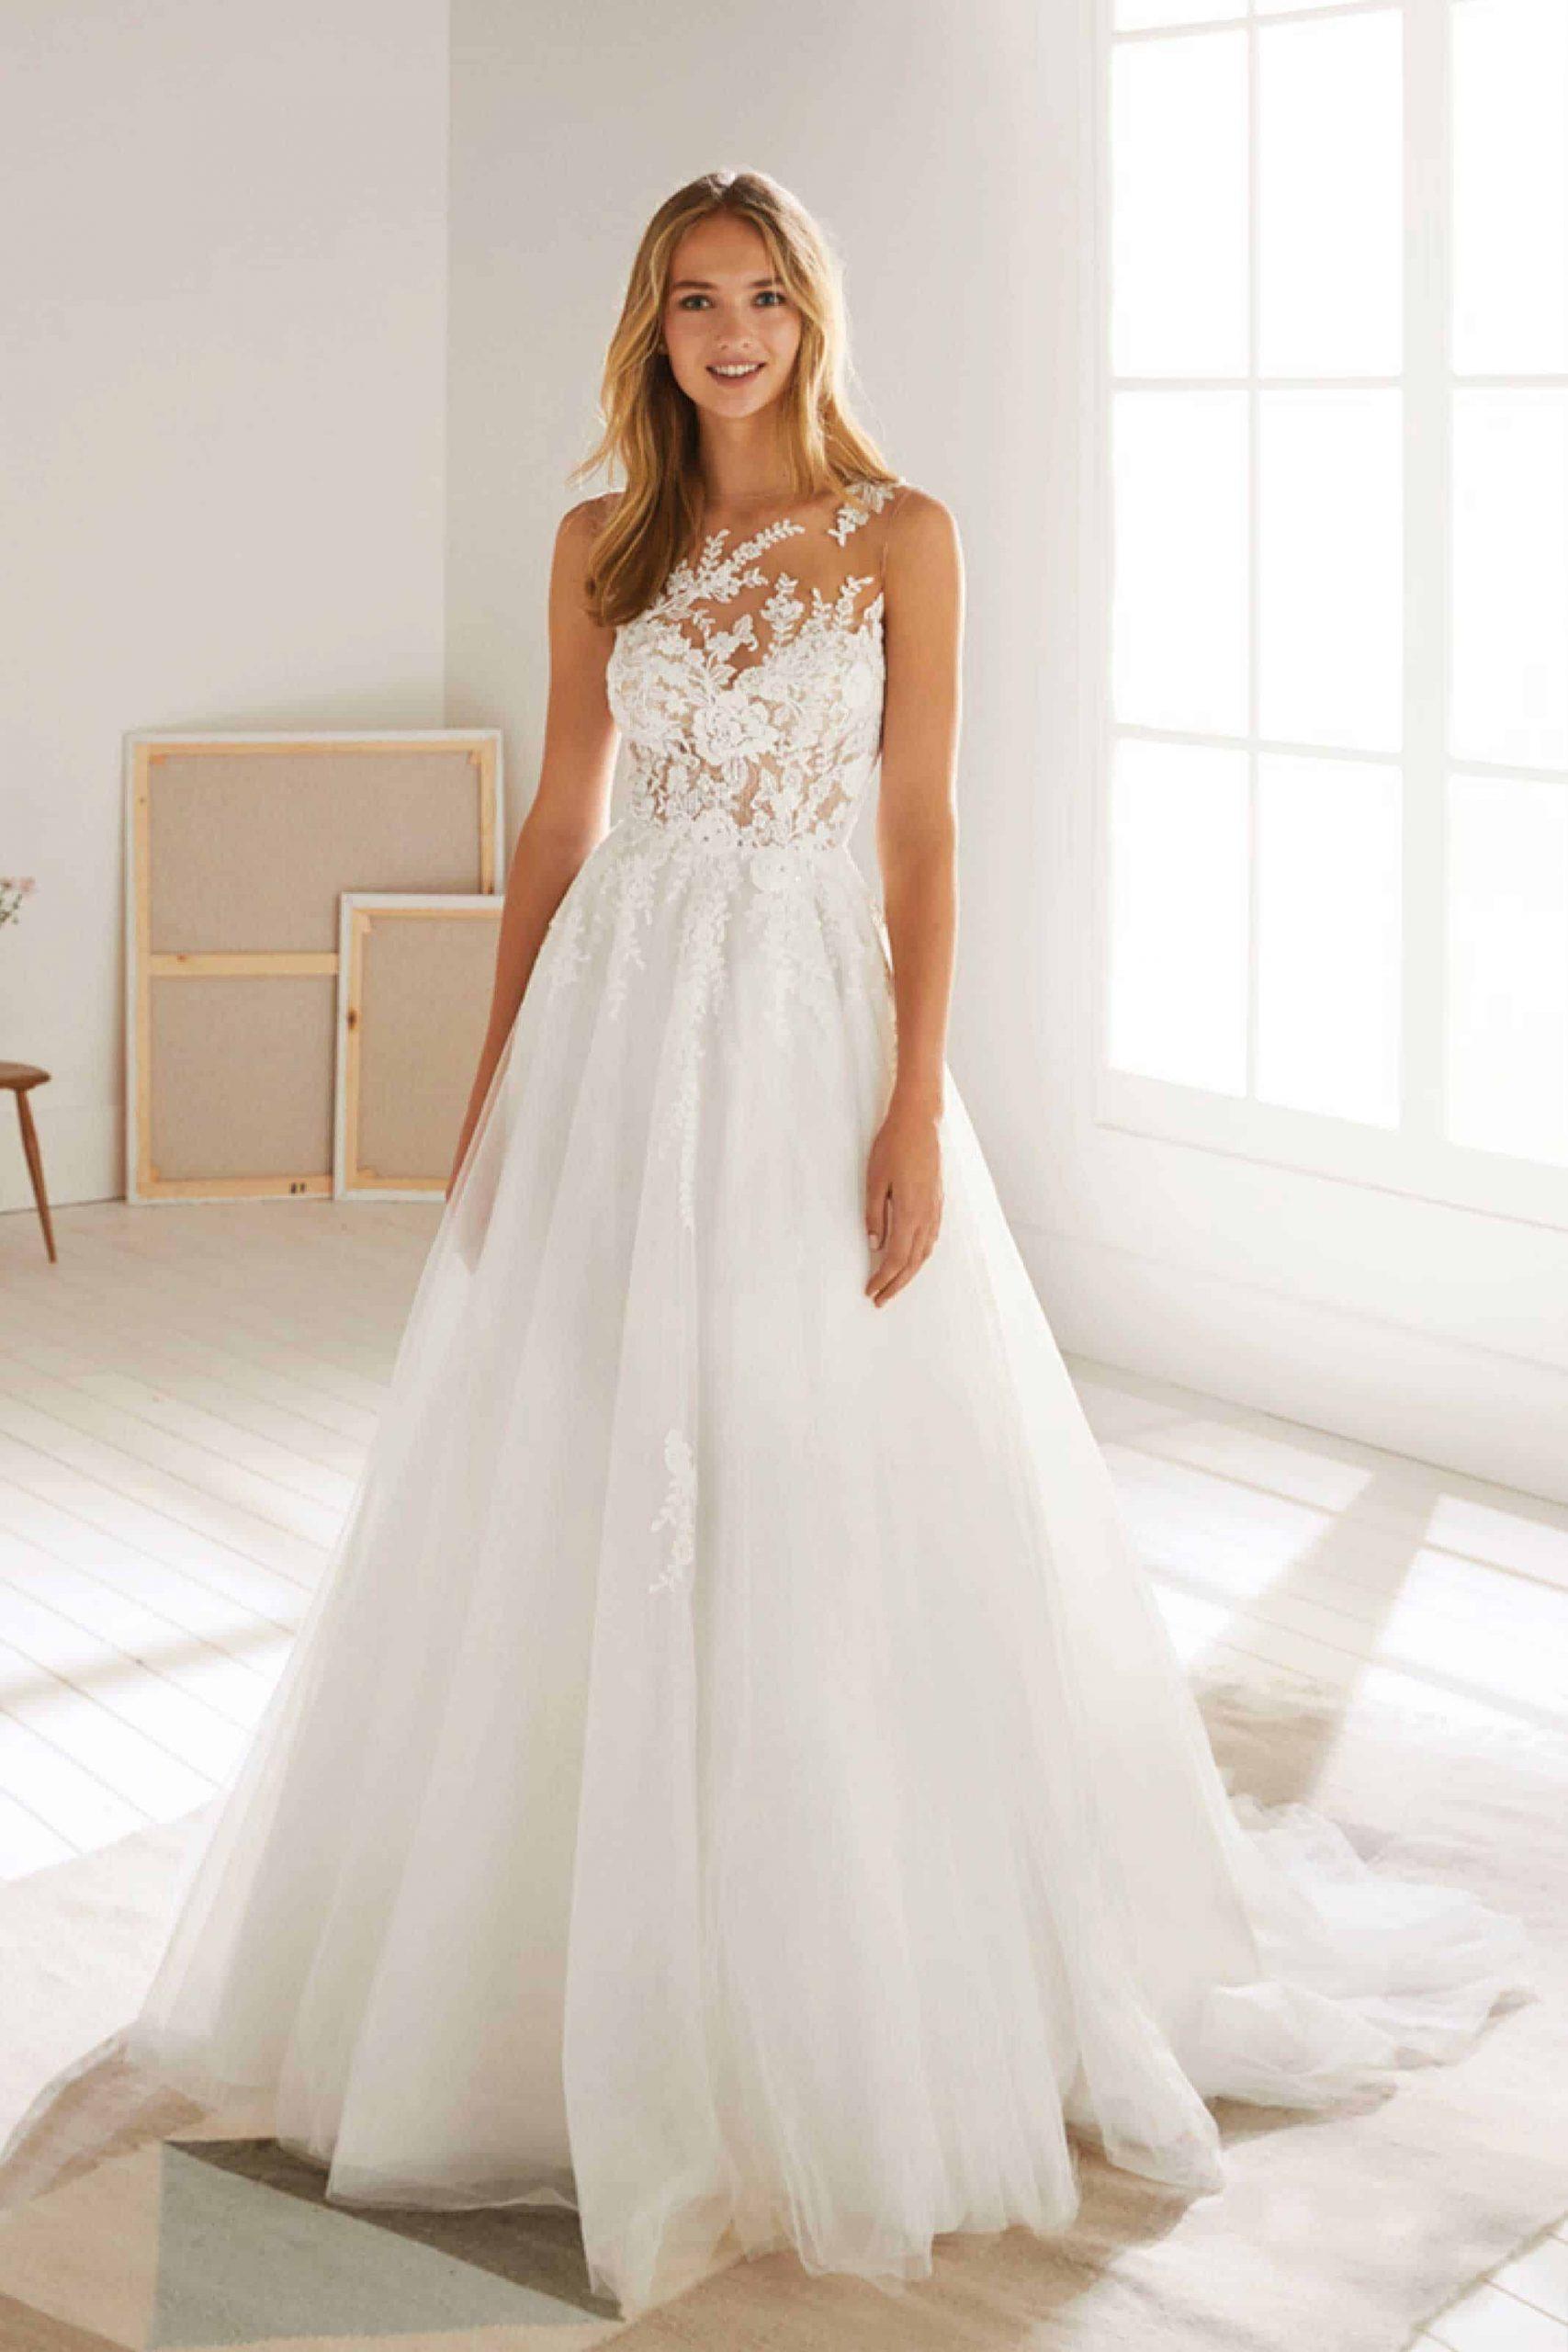 20 Ausgezeichnet Brautmode Bester Preis17 Einzigartig Brautmode Boutique